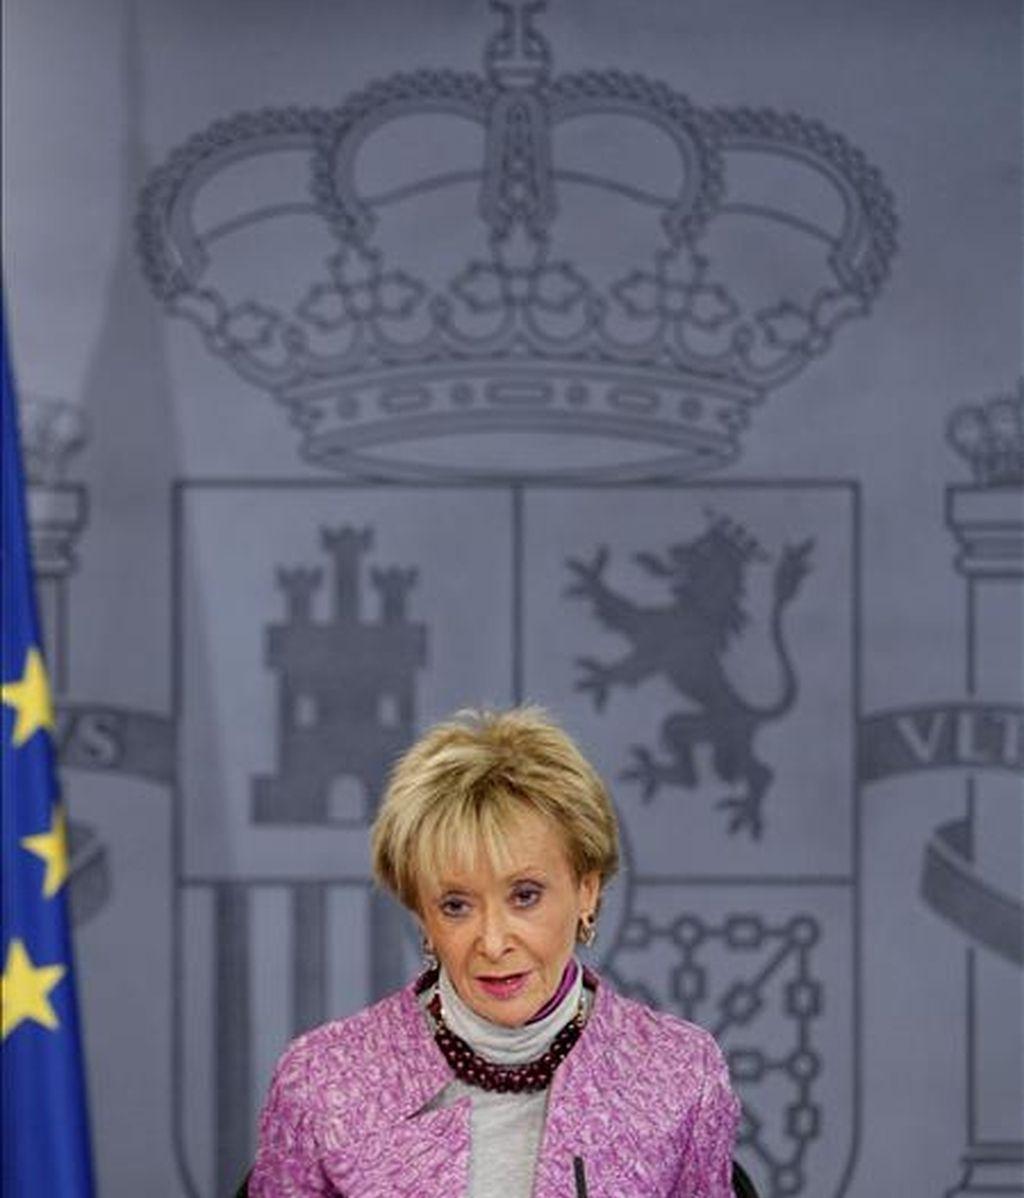 La vicepresidenta primera del Gobierno, María Teresa Fernández de la Vega, durante una rueda de prensa tras la reunión del Consejo de Ministros. EFE/Archivo